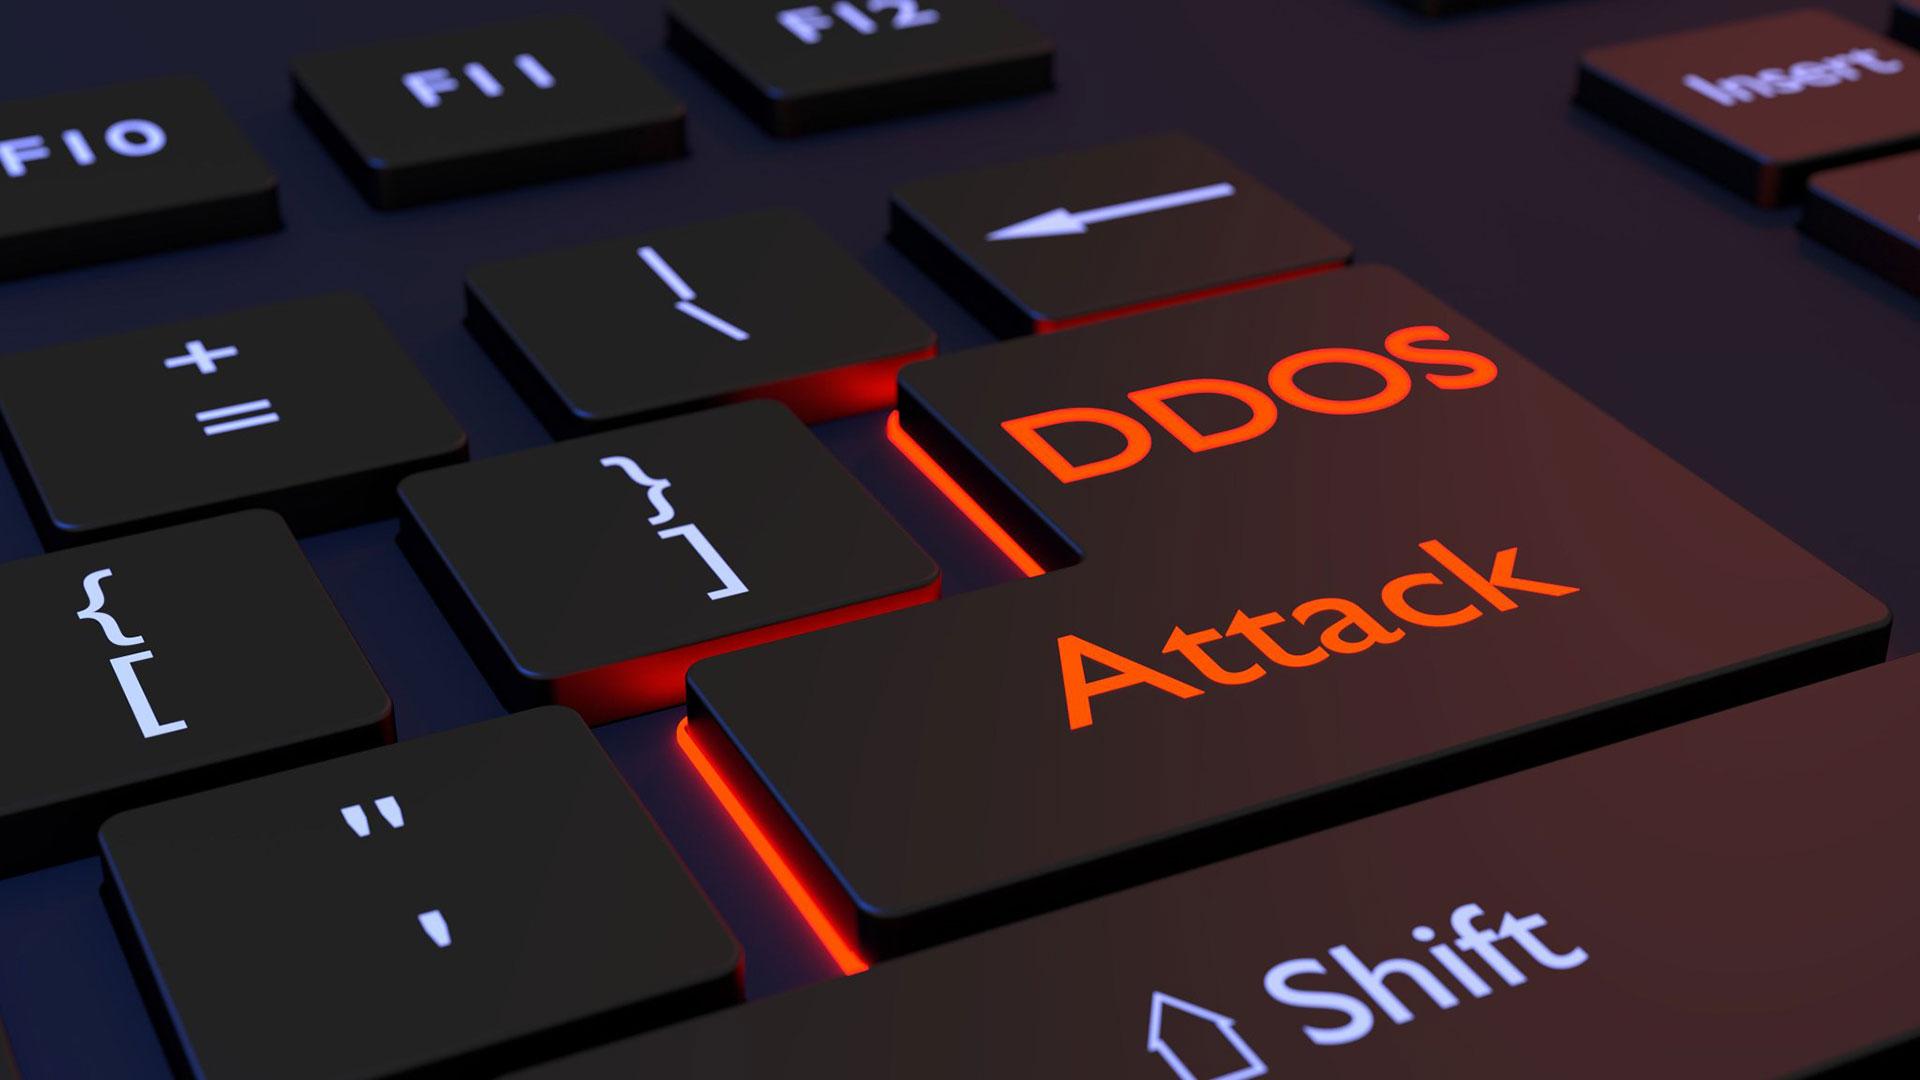 site fora do ar ataque DDoS